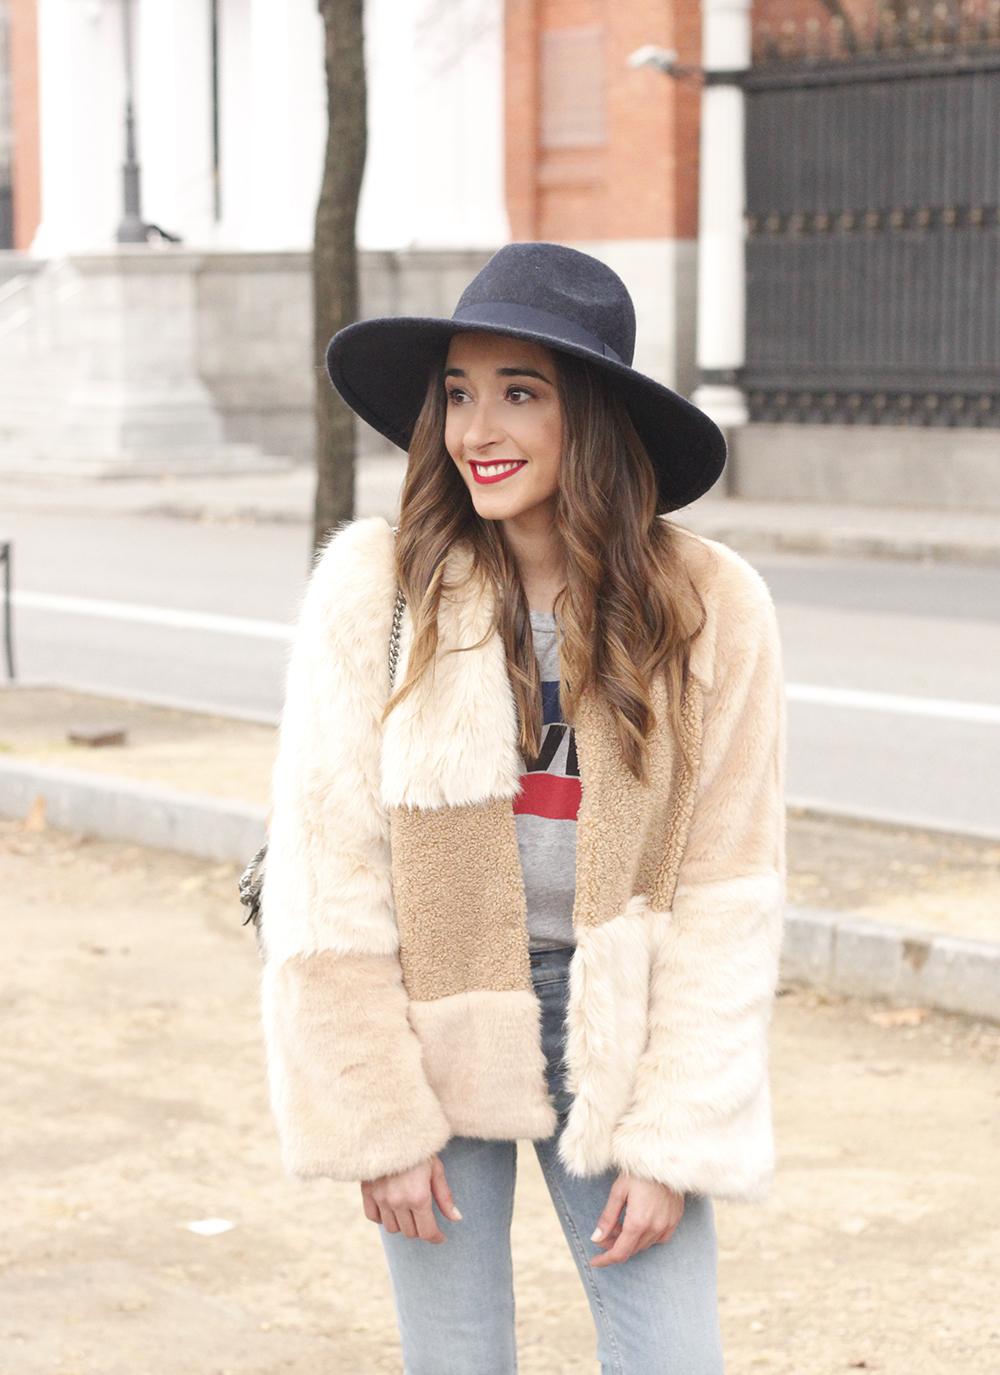 Beige faux fur coat zara blue hat nude heels jeans style fashion outfit winter 01